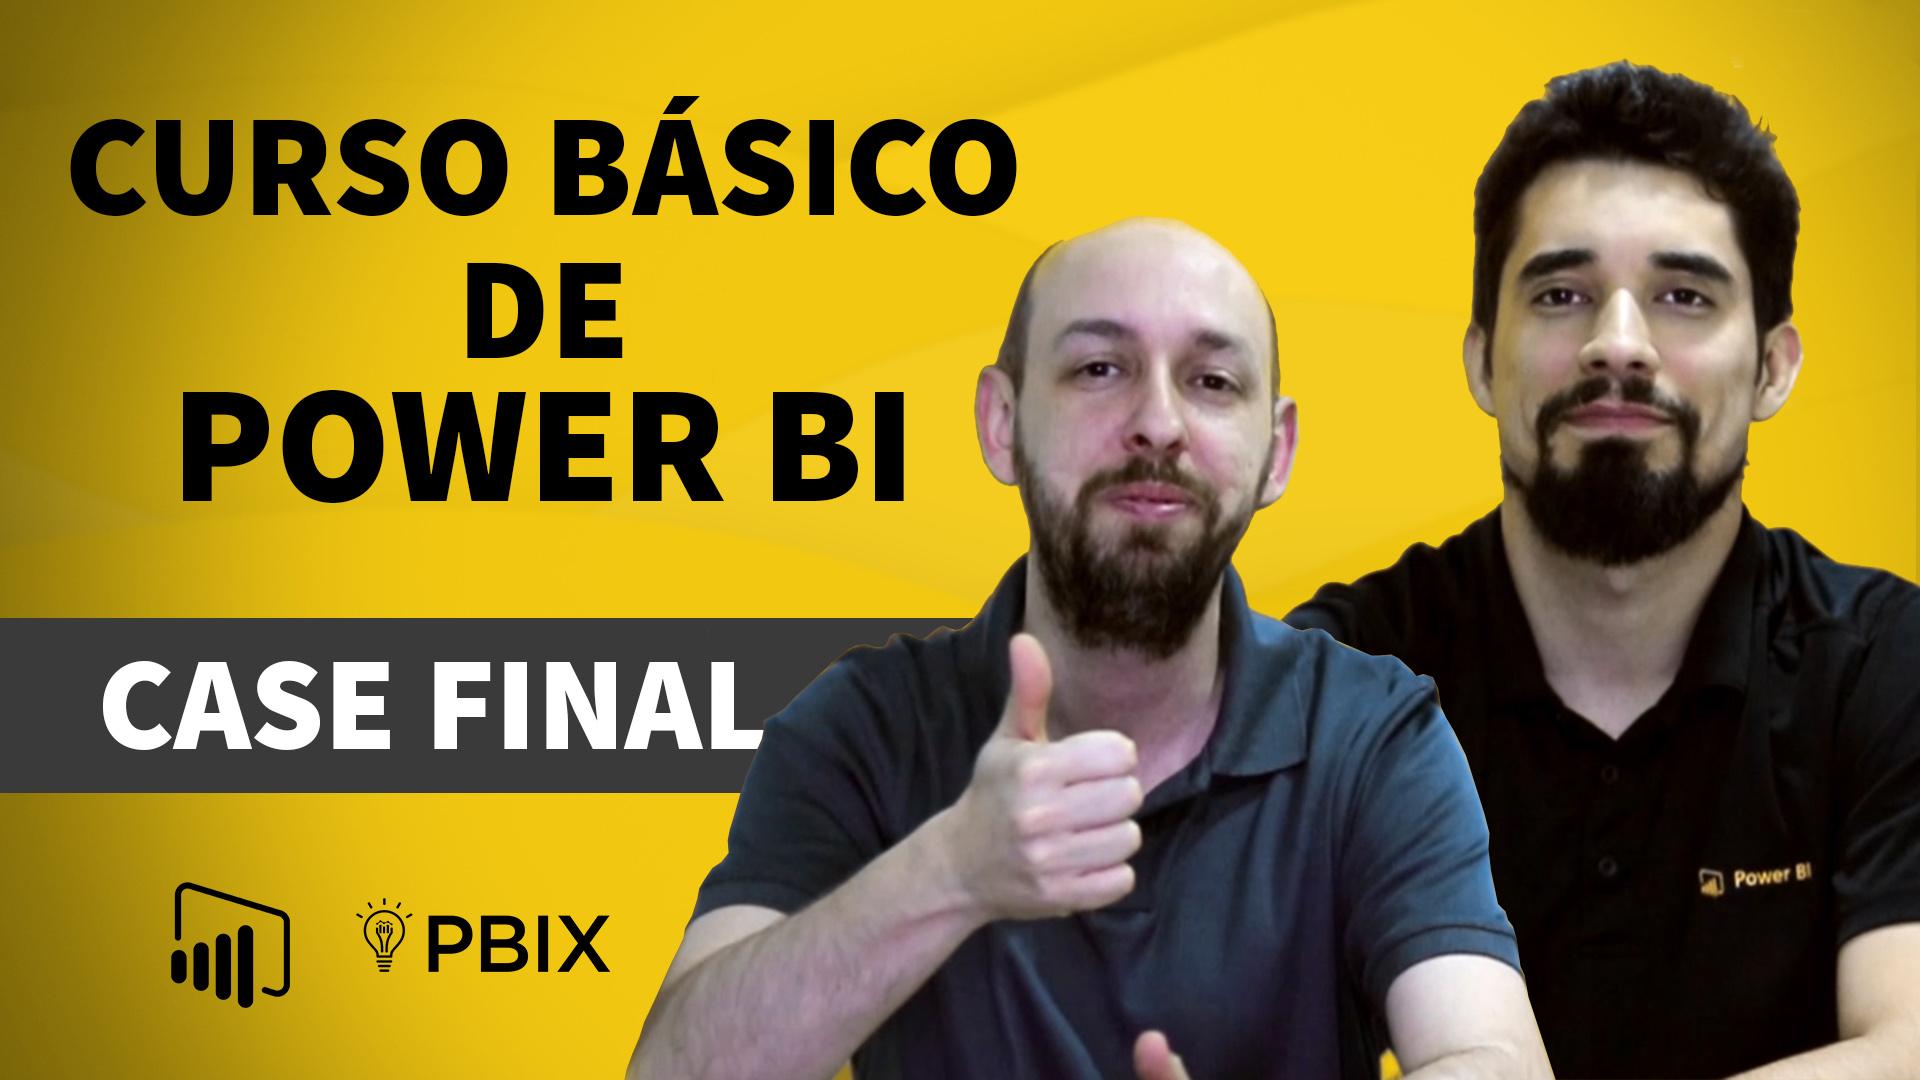 Curso Básico de Power BI - Case Final